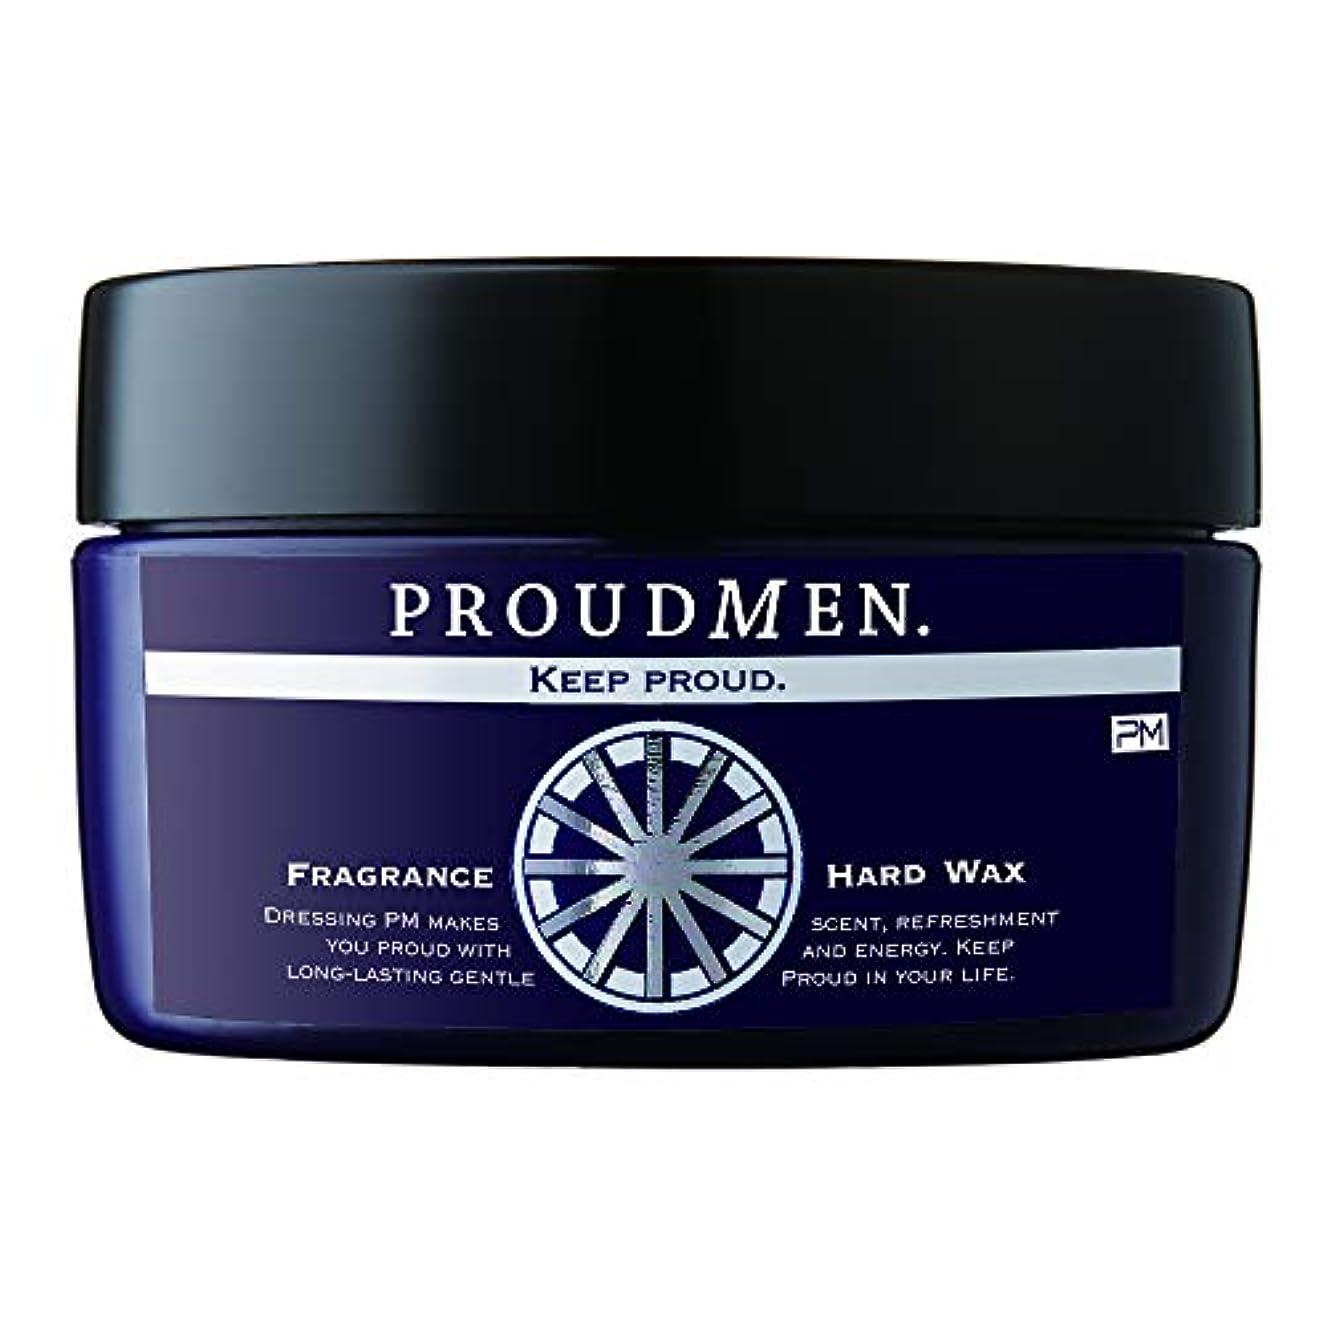 憂鬱センブランス南方のプラウドメン フレグランスハードワックス 60g (グルーミング?シトラスの香り) 整髪料 スタイリング剤 ヘアワックス メンズ 男性